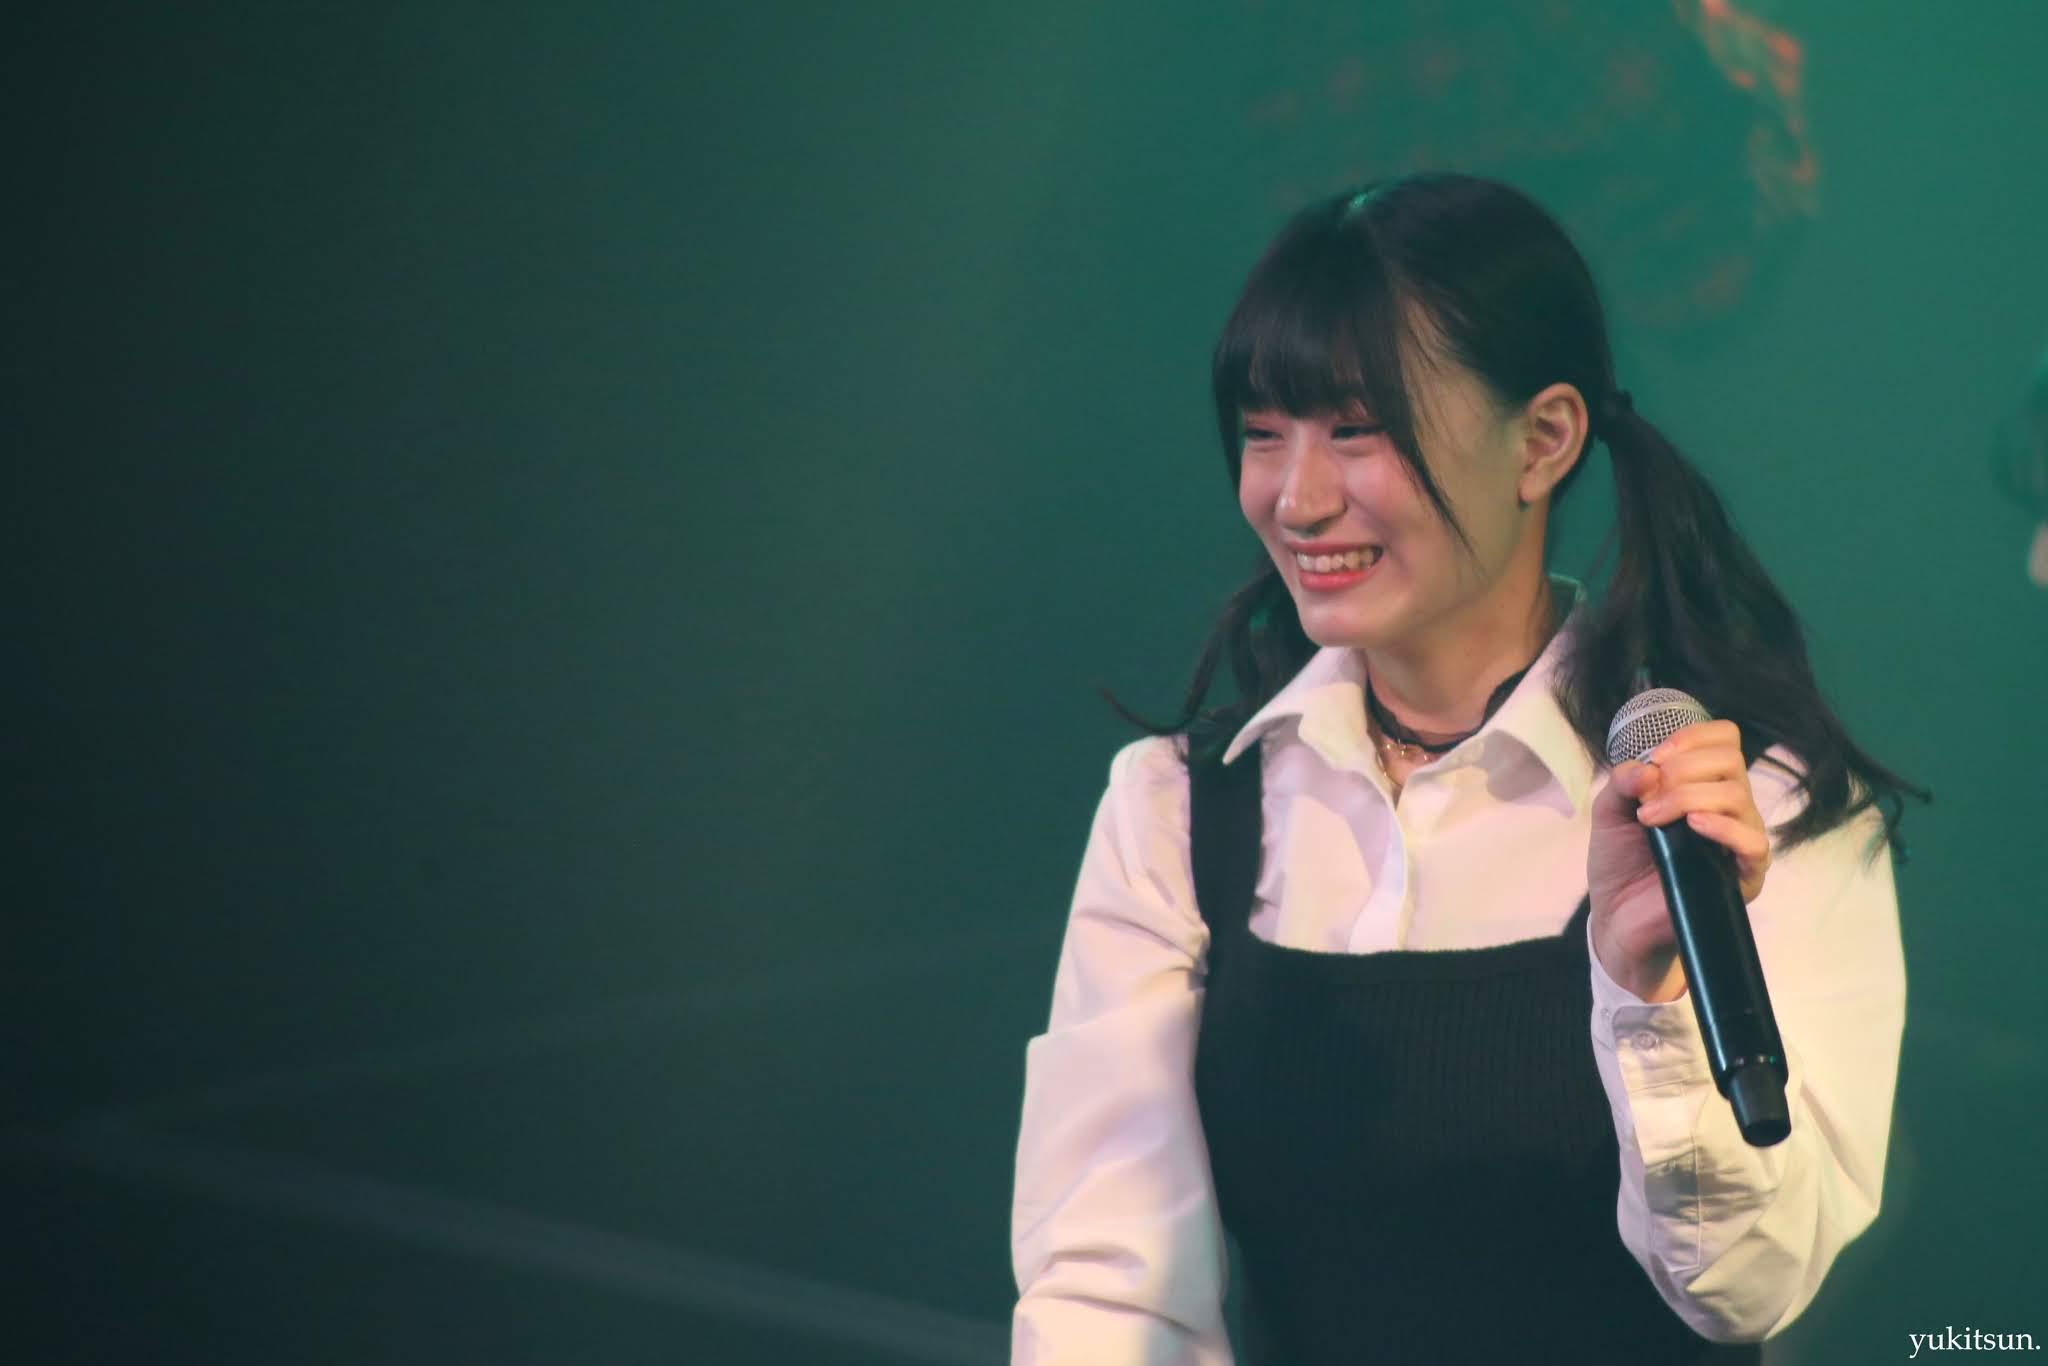 shinjidai-61